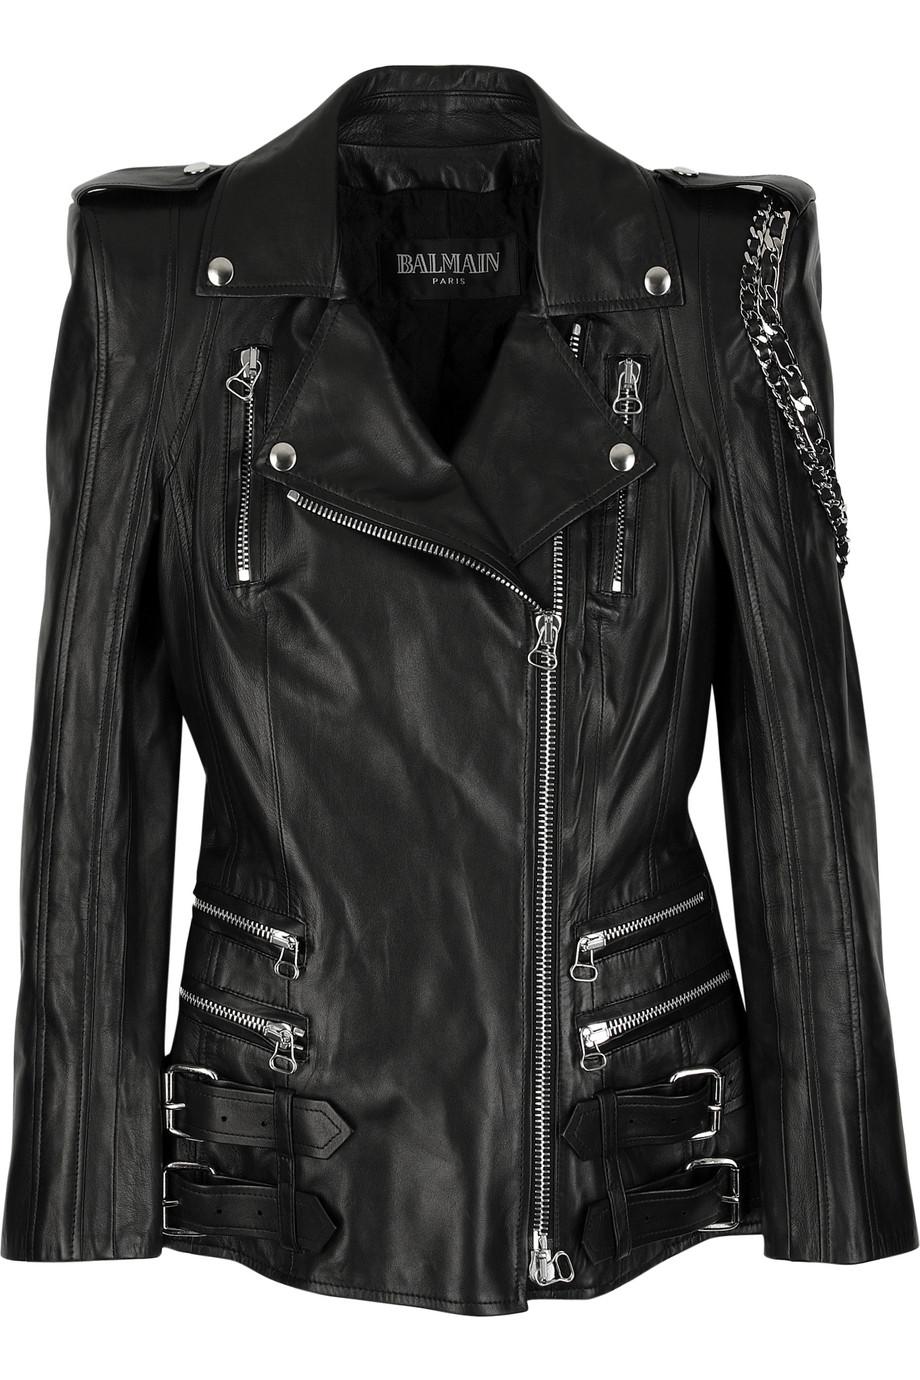 isabel marant leather